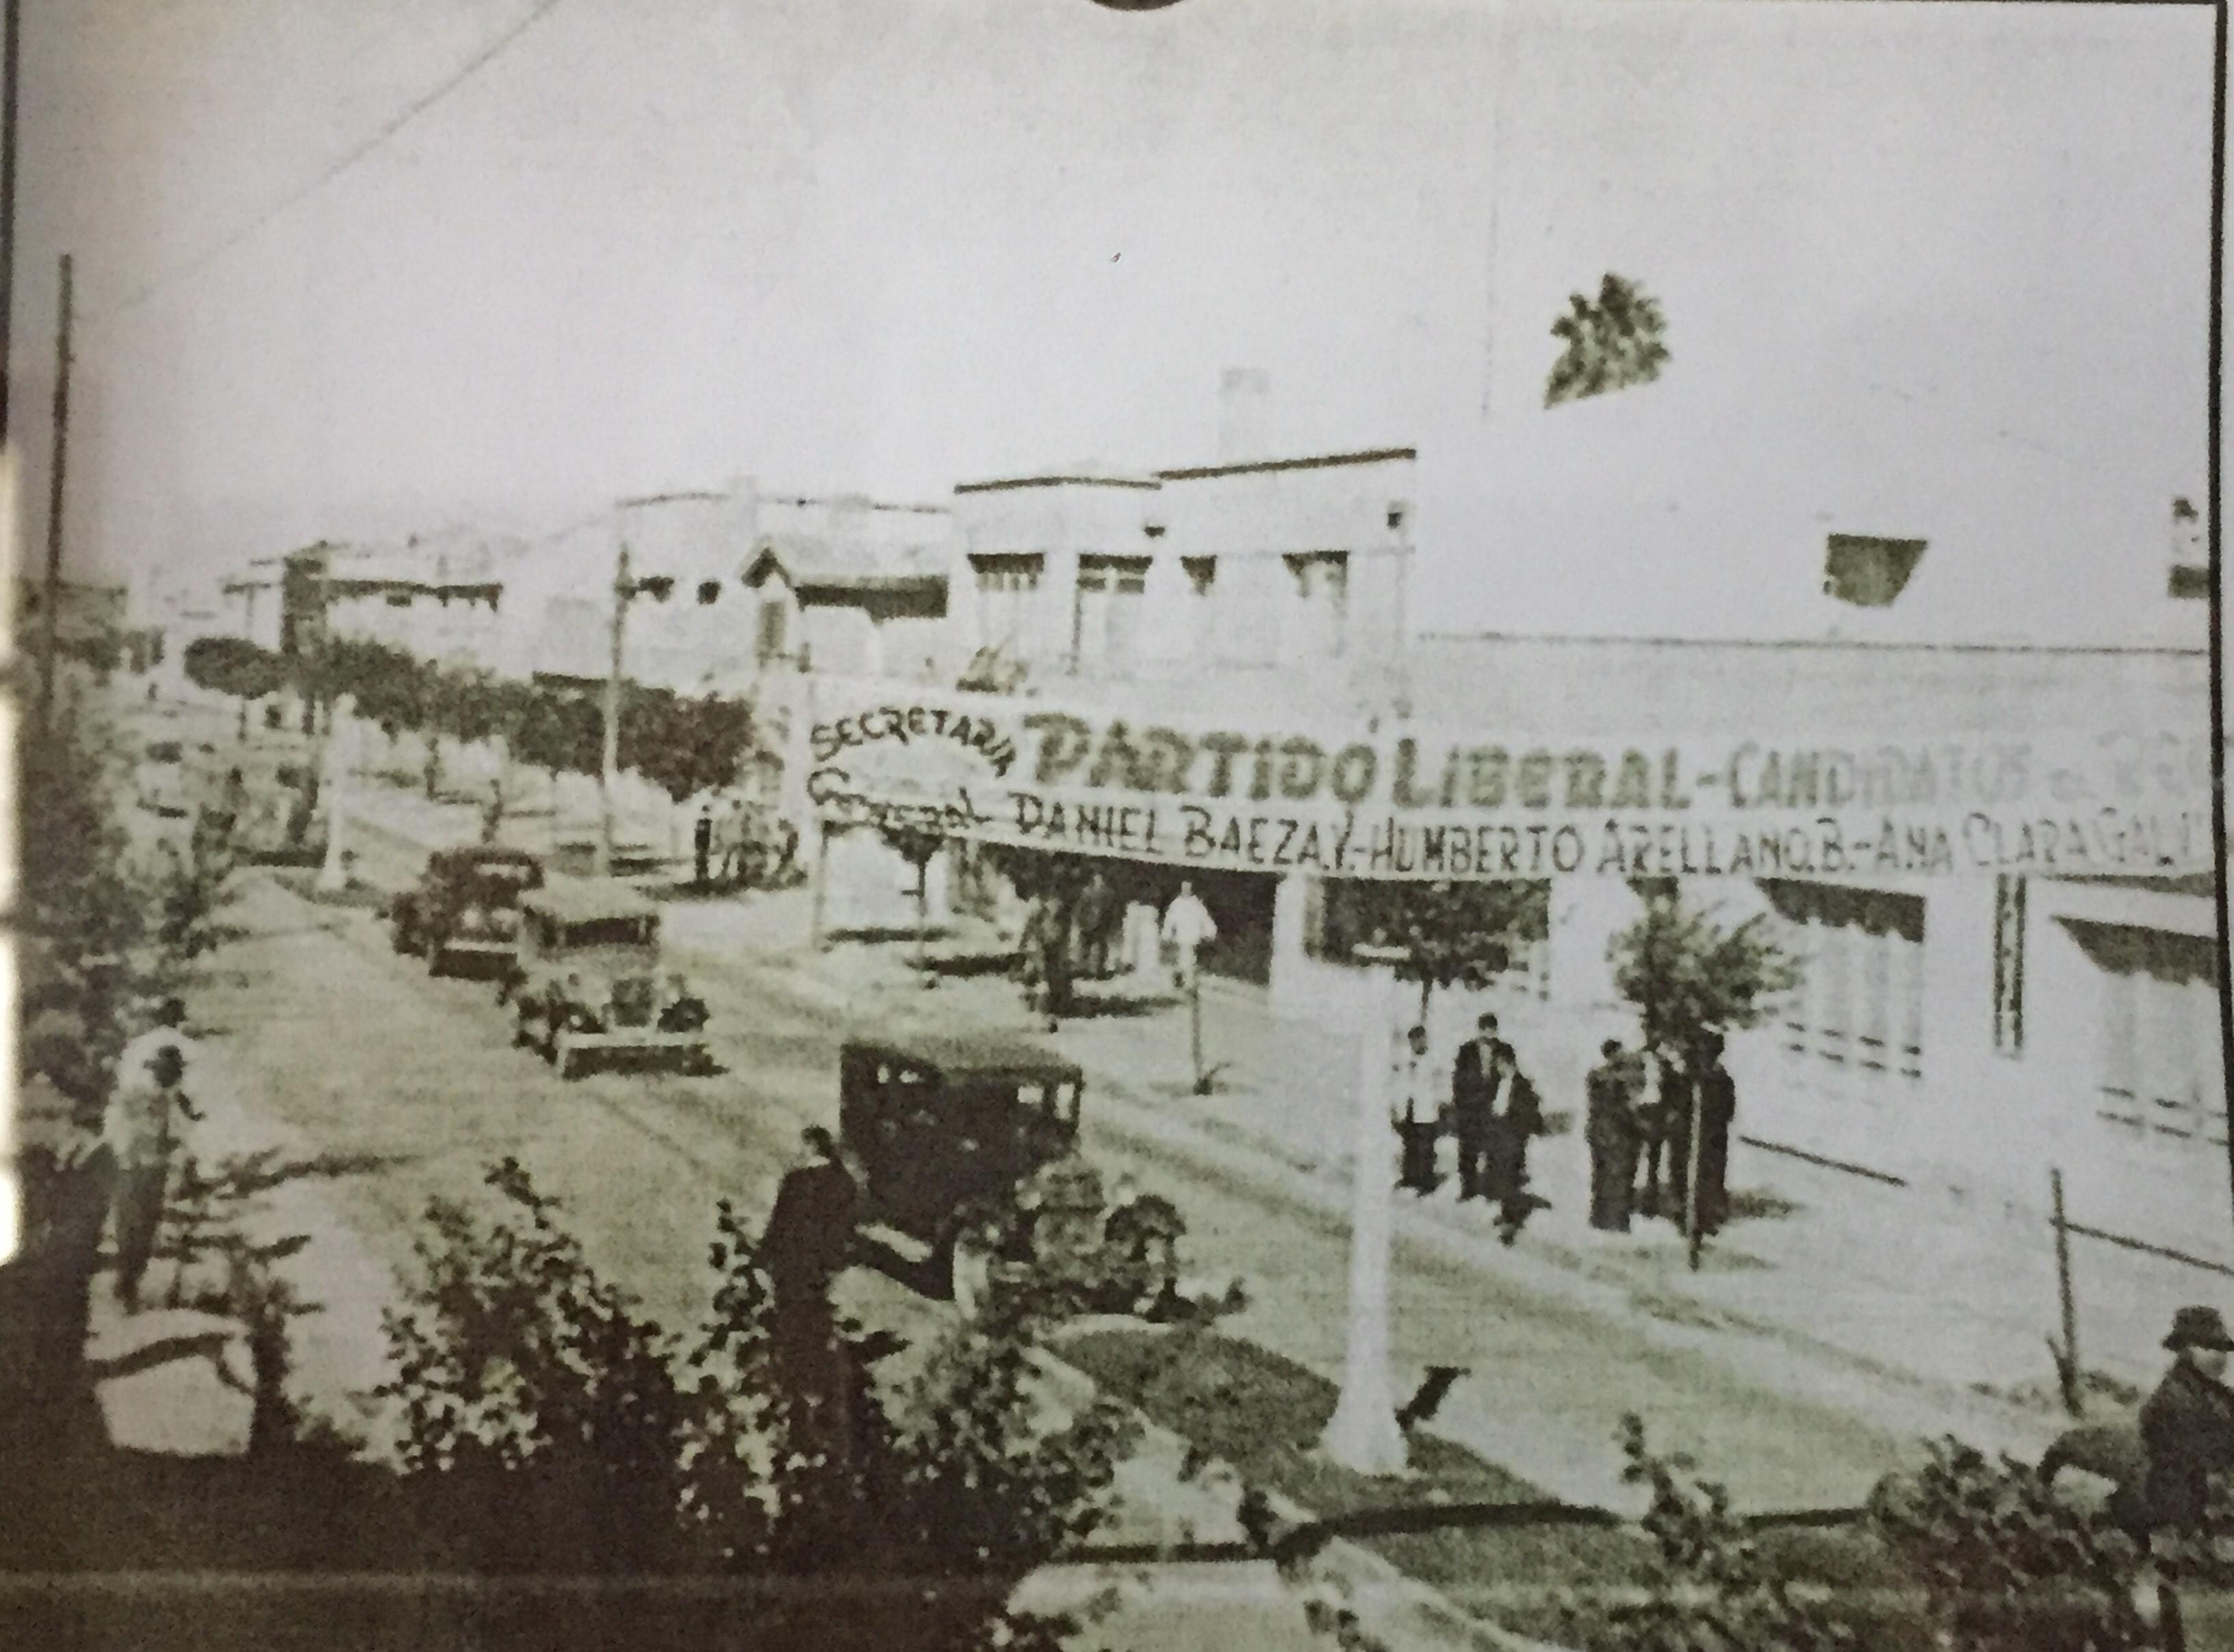 Enterreno - Fotos históricas de chile - fotos antiguas de Chile - Campañas políticas, 1940